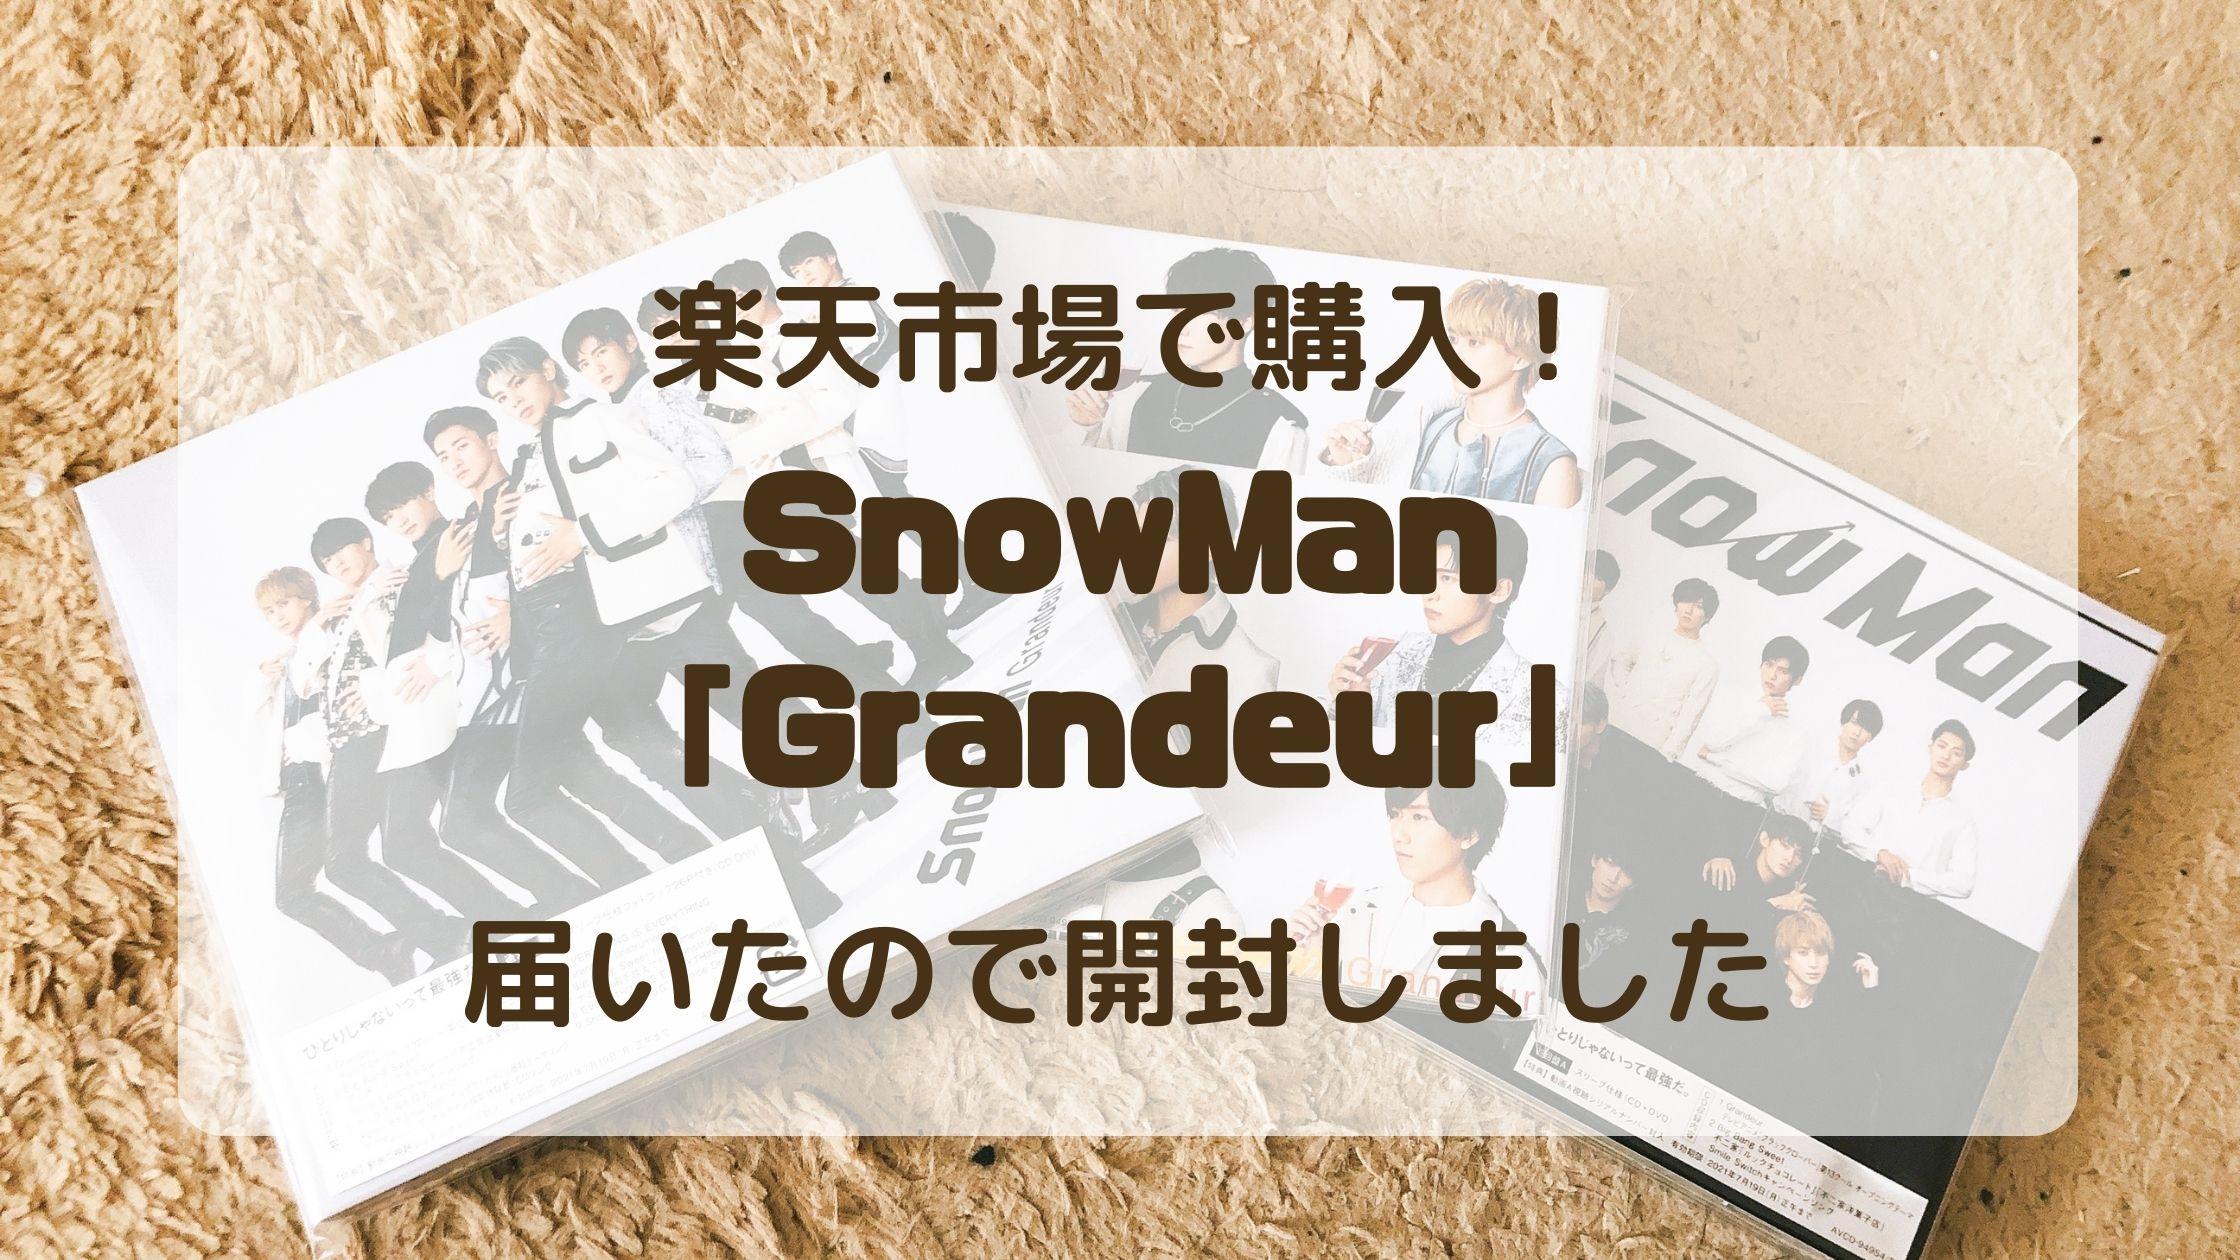 【開封】SnowMan「Grandeur」を楽天市場で購入したのでレビューします!